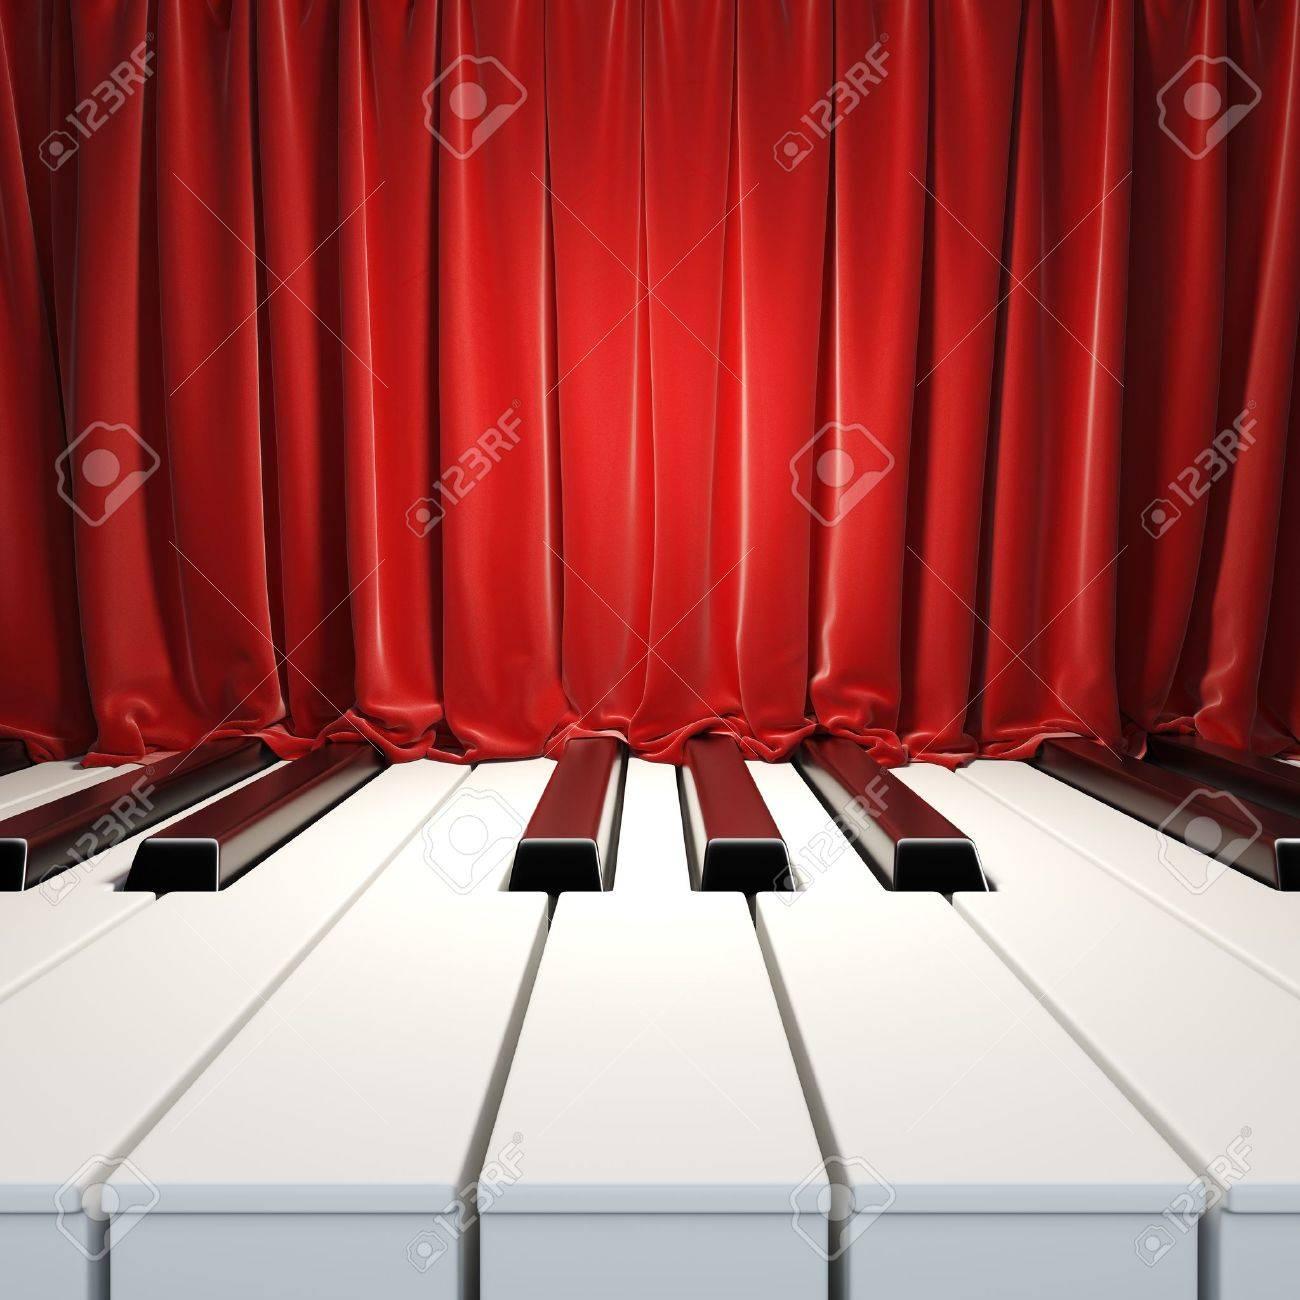 Llaves Del Piano Y Cortinas Rojas. Una Ilustración 3D De La ...